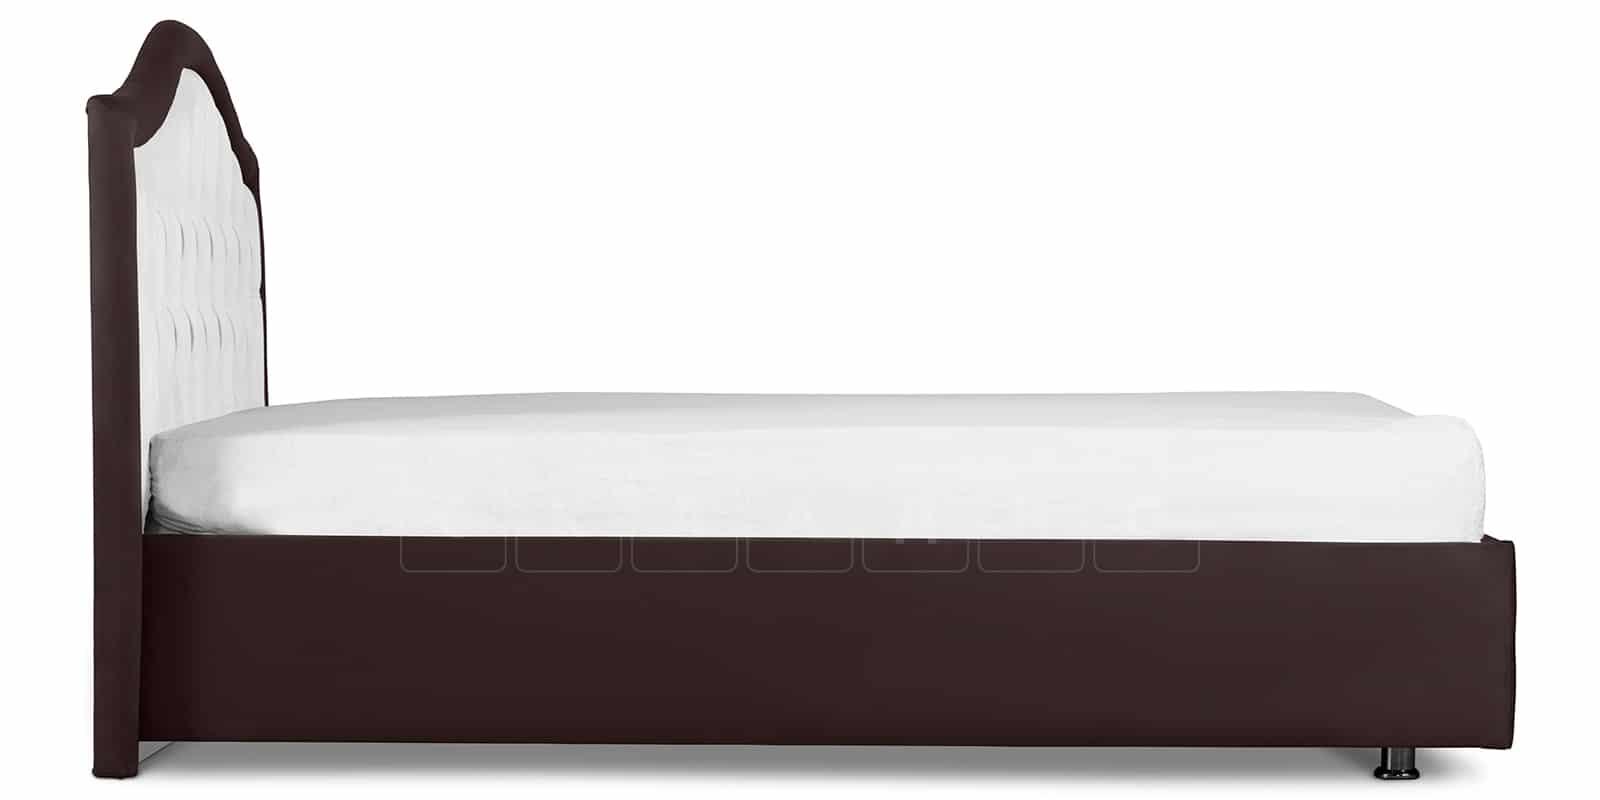 Мягкая кровать Малибу 160см экокожа белый-шоколад вариант 9-2 фото 3 | интернет-магазин Складно